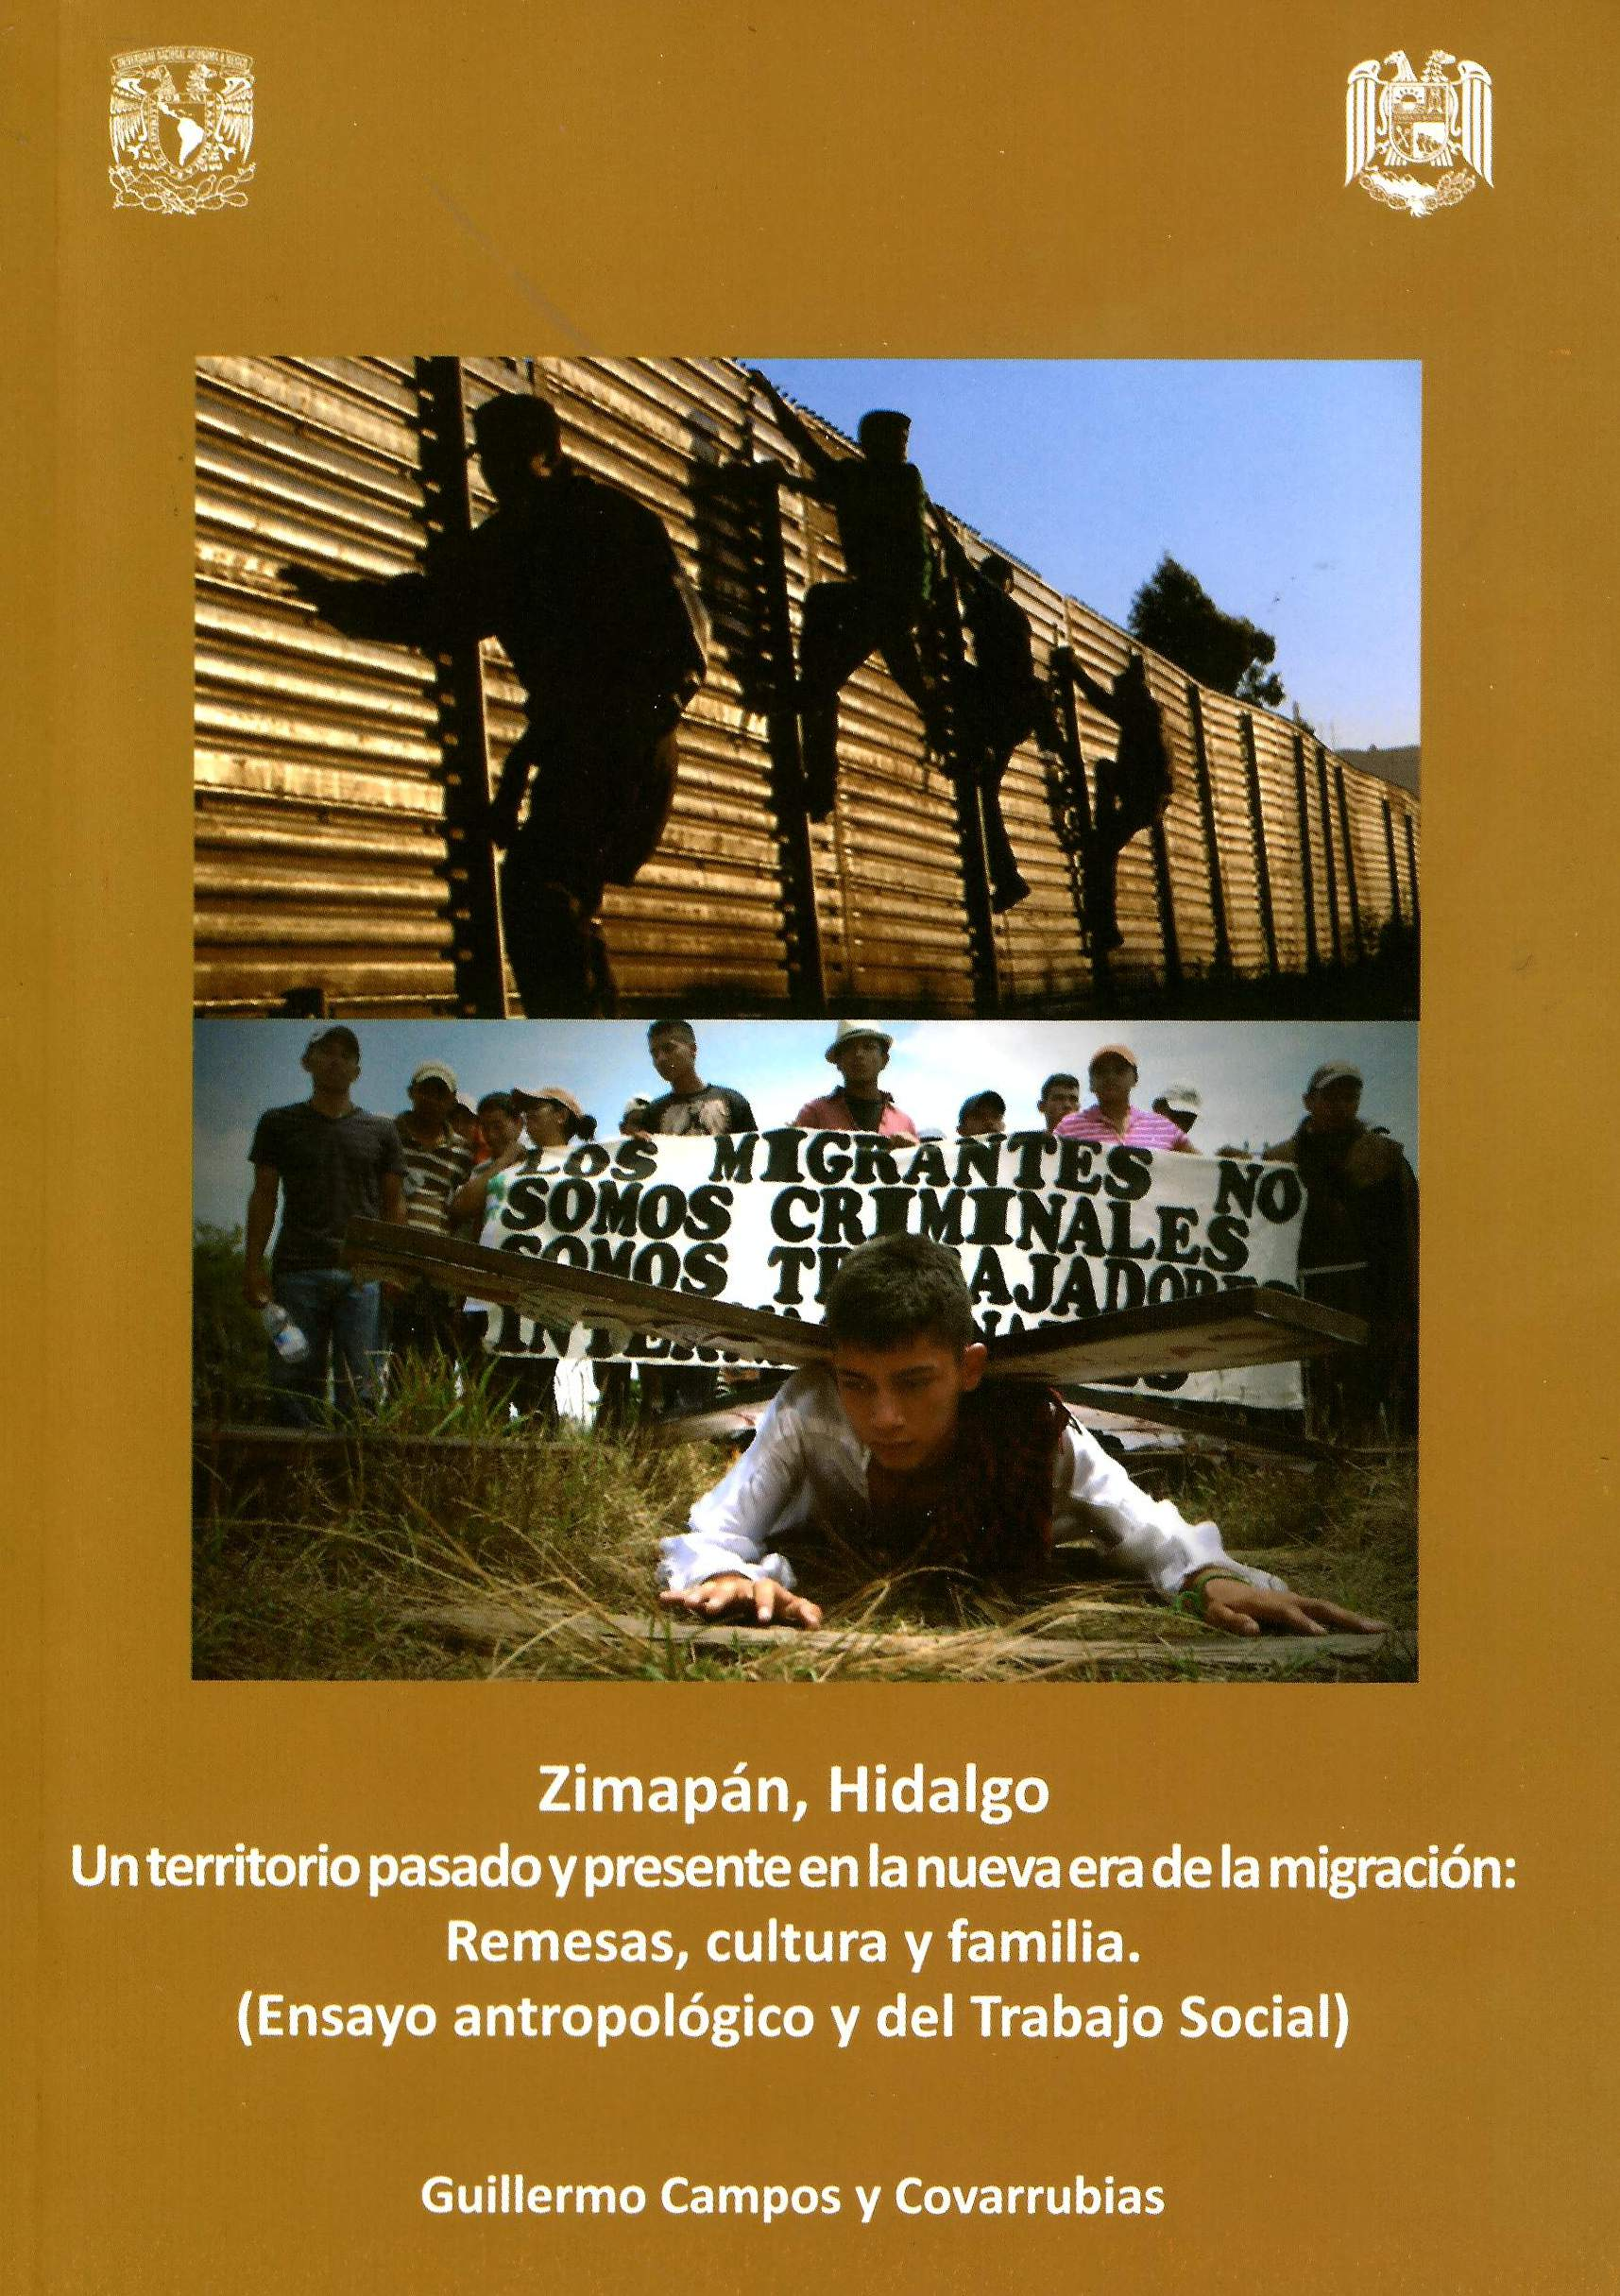 Zimapán, Hidalgo. Un territorio pasado y presente en la nueva era de la migración: remesas, cultura